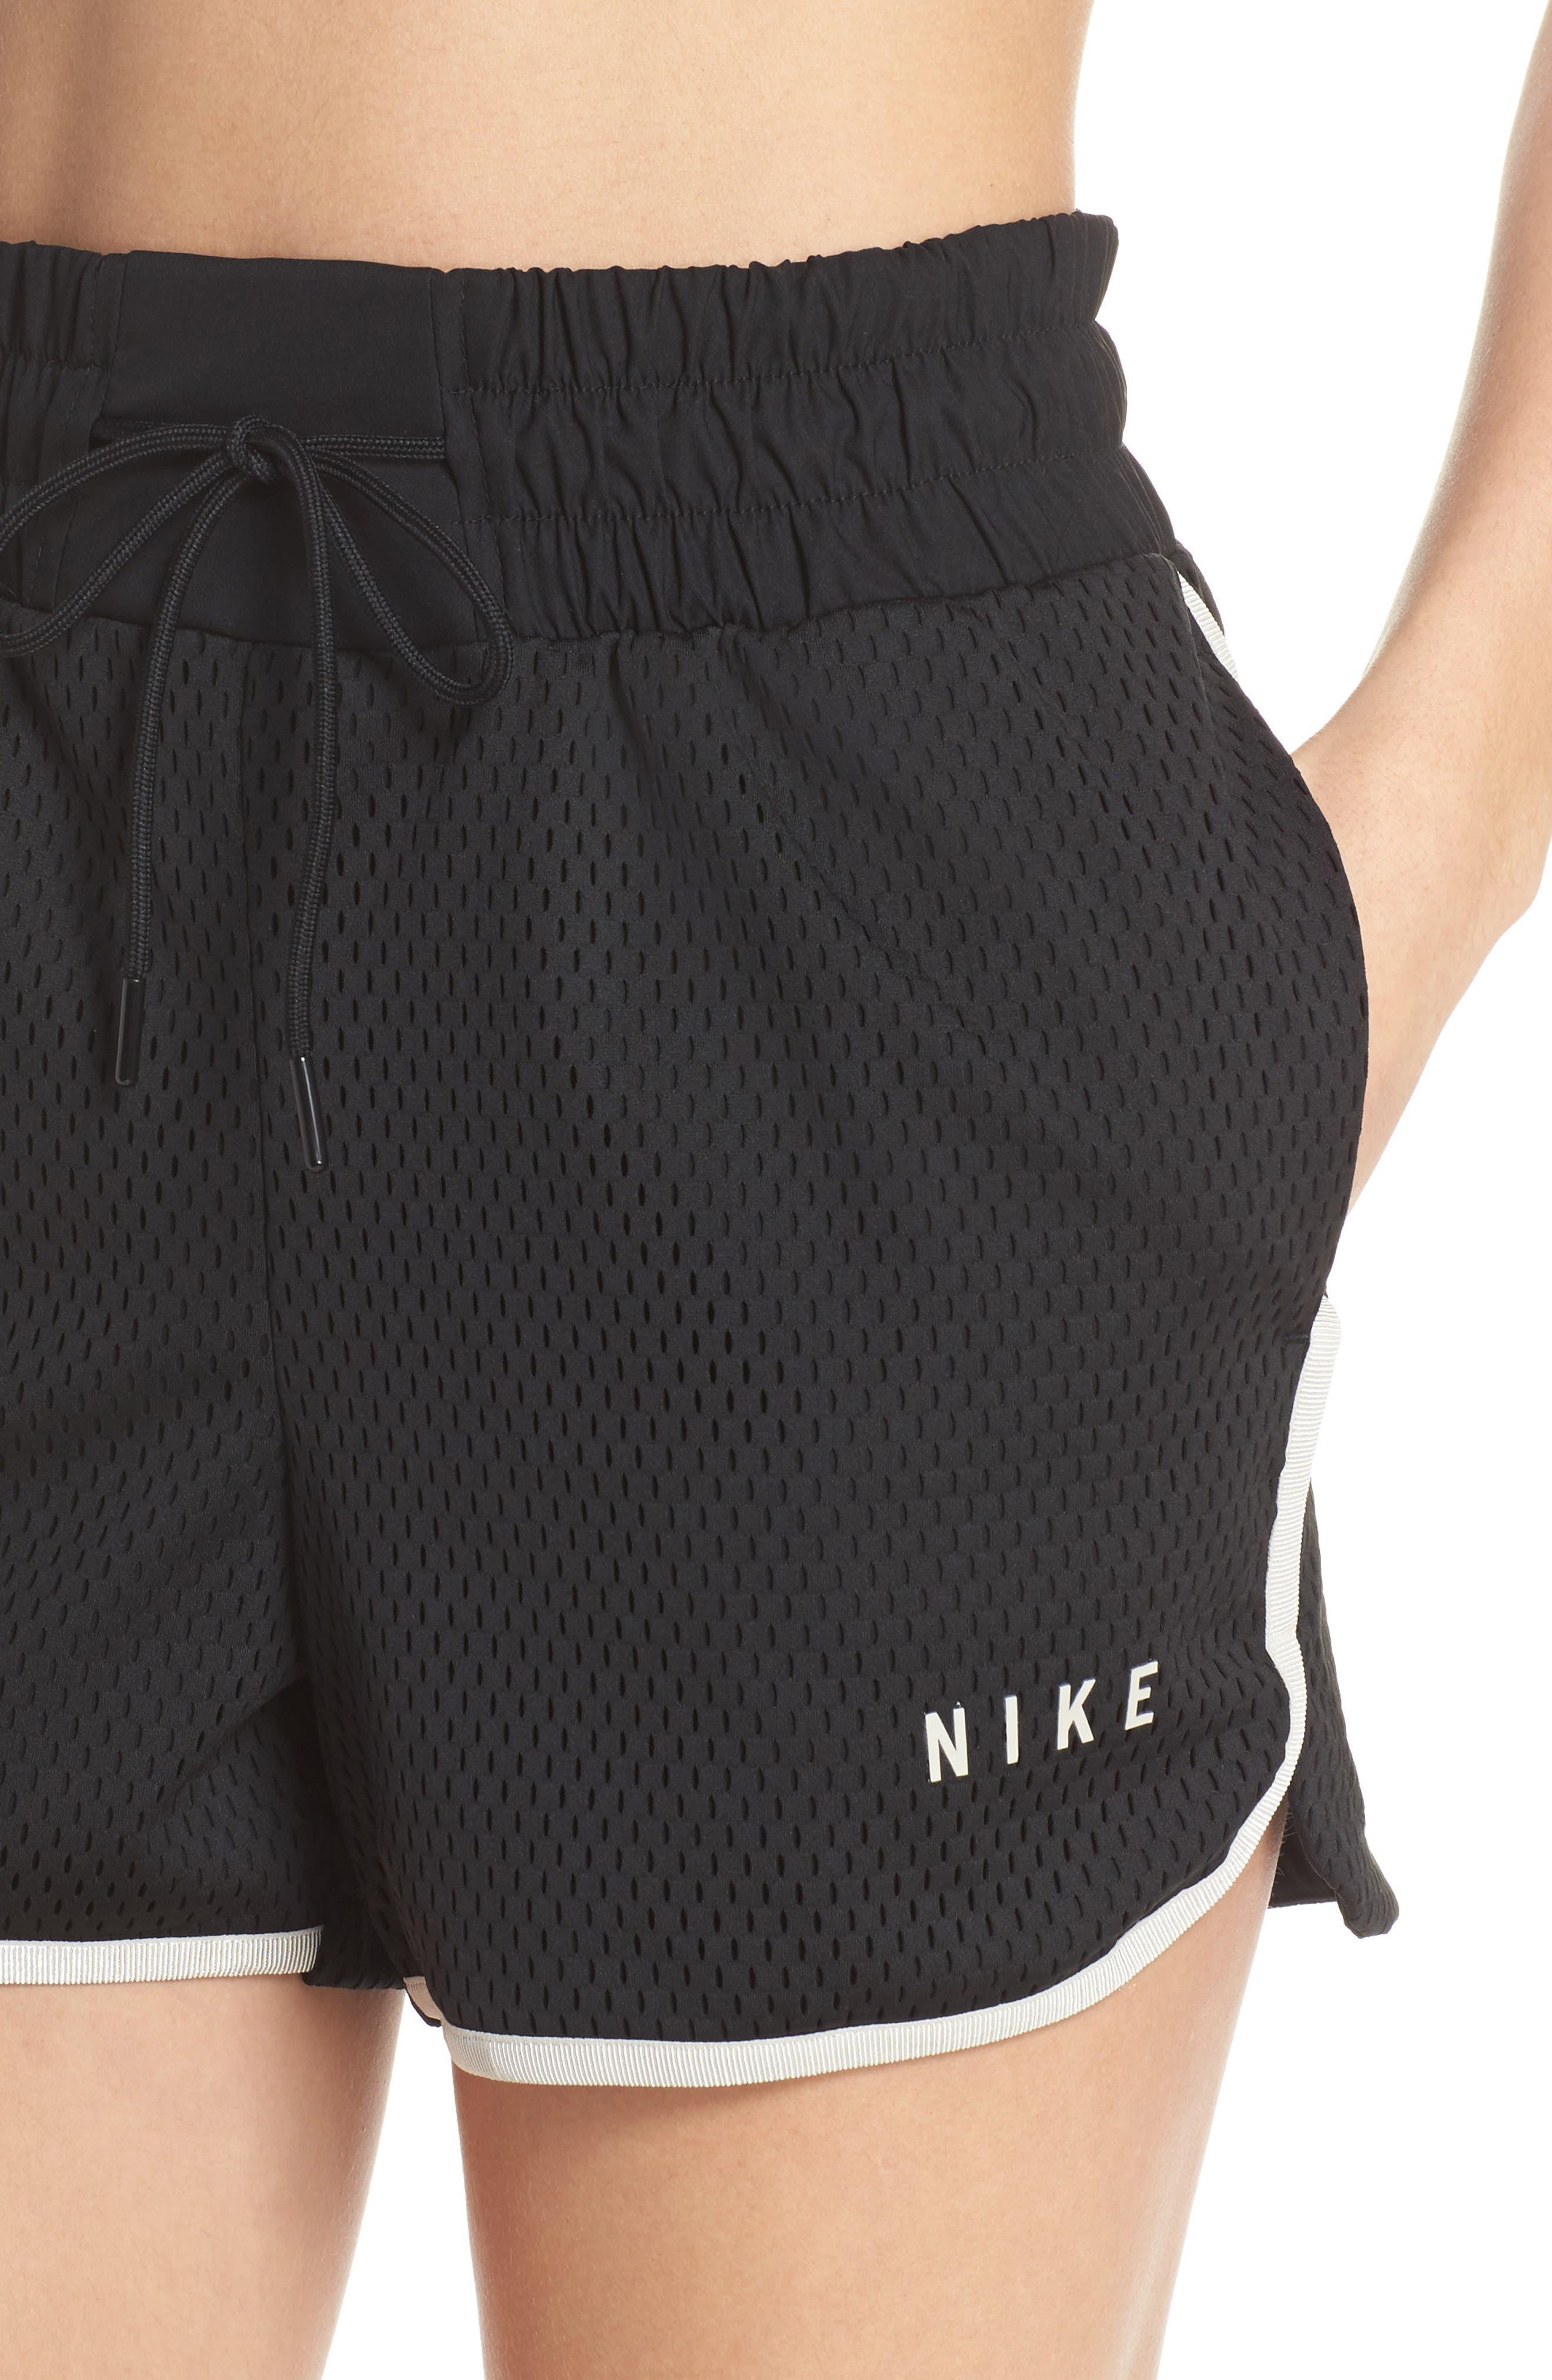 Sportswear Women's Dri-FIT Mesh Shorts,                             Alternate thumbnail 4, color,                             BLACK/ LIGHT BONE